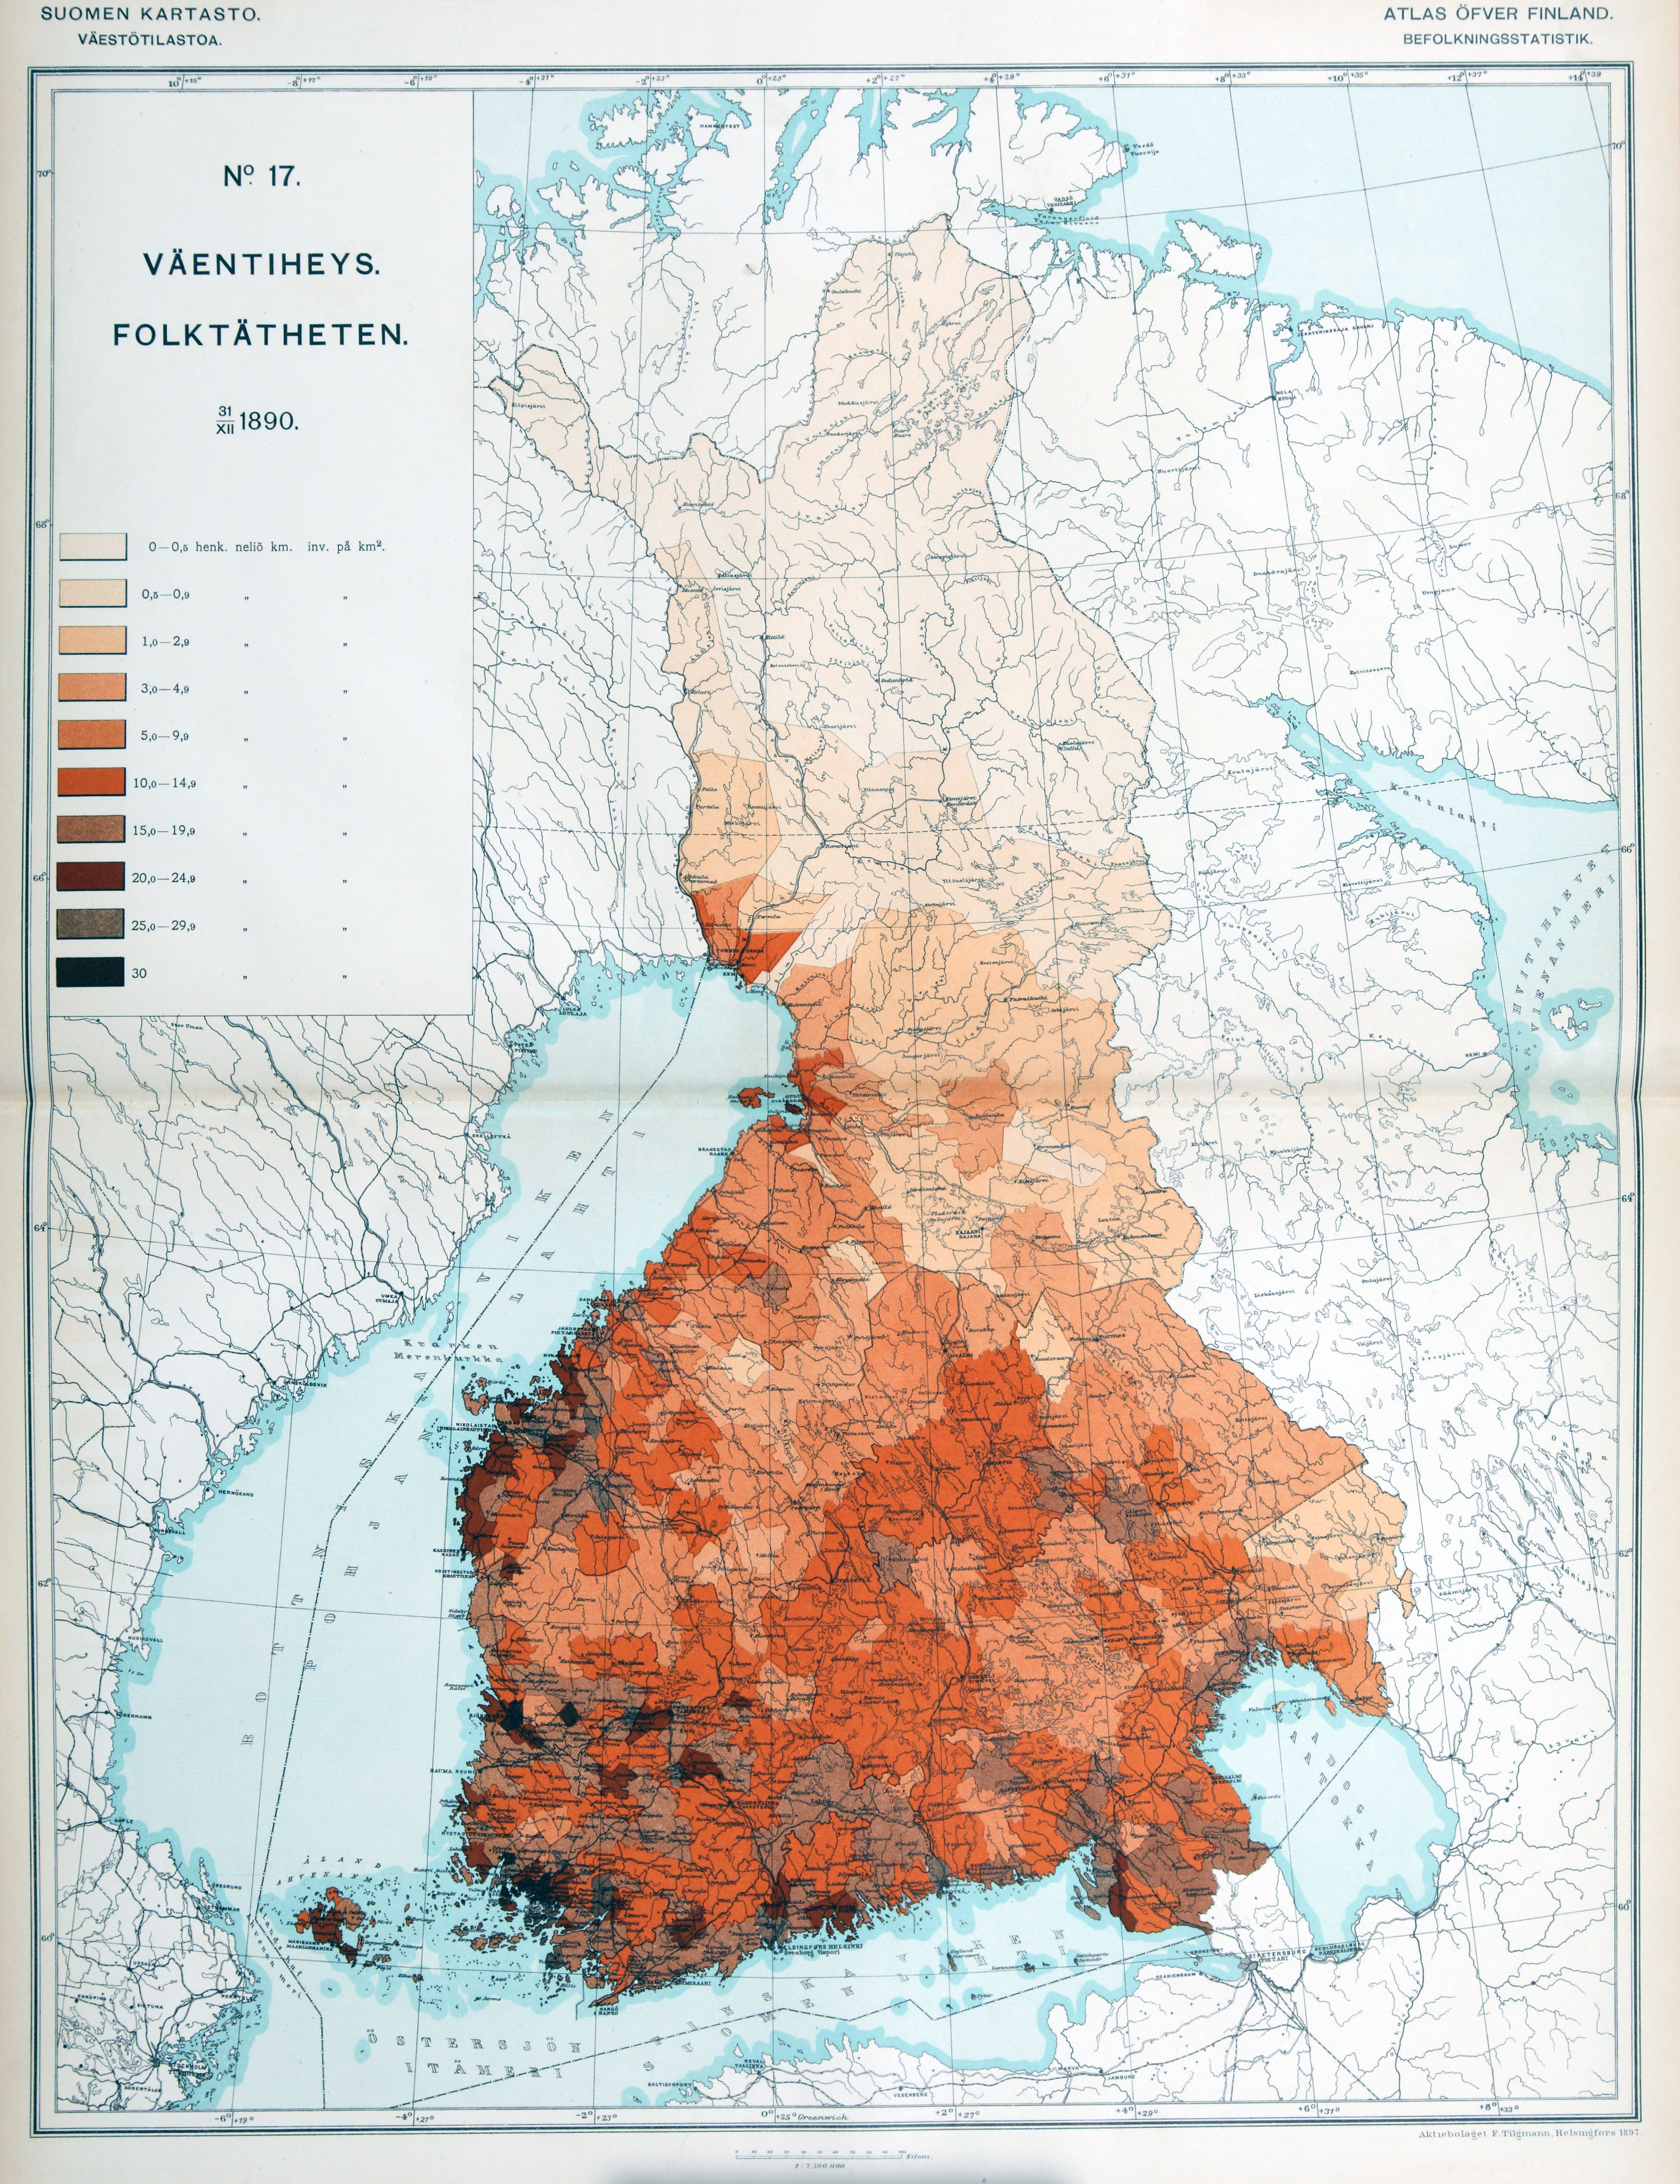 17 Vaentiheys 31 Xii 1890 Folktatheten 31 Xii 1890 Www